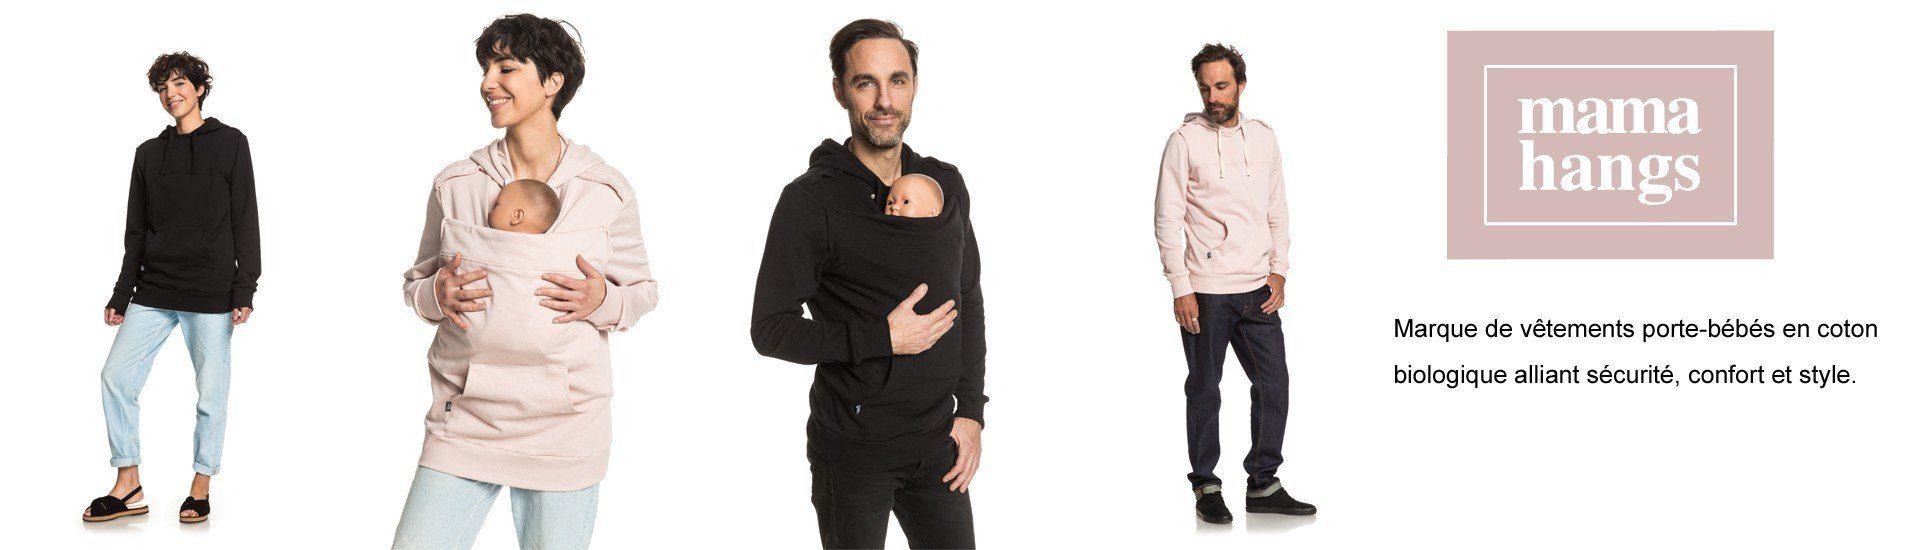 Vêtements porte-bébé coton bio mamahangs France